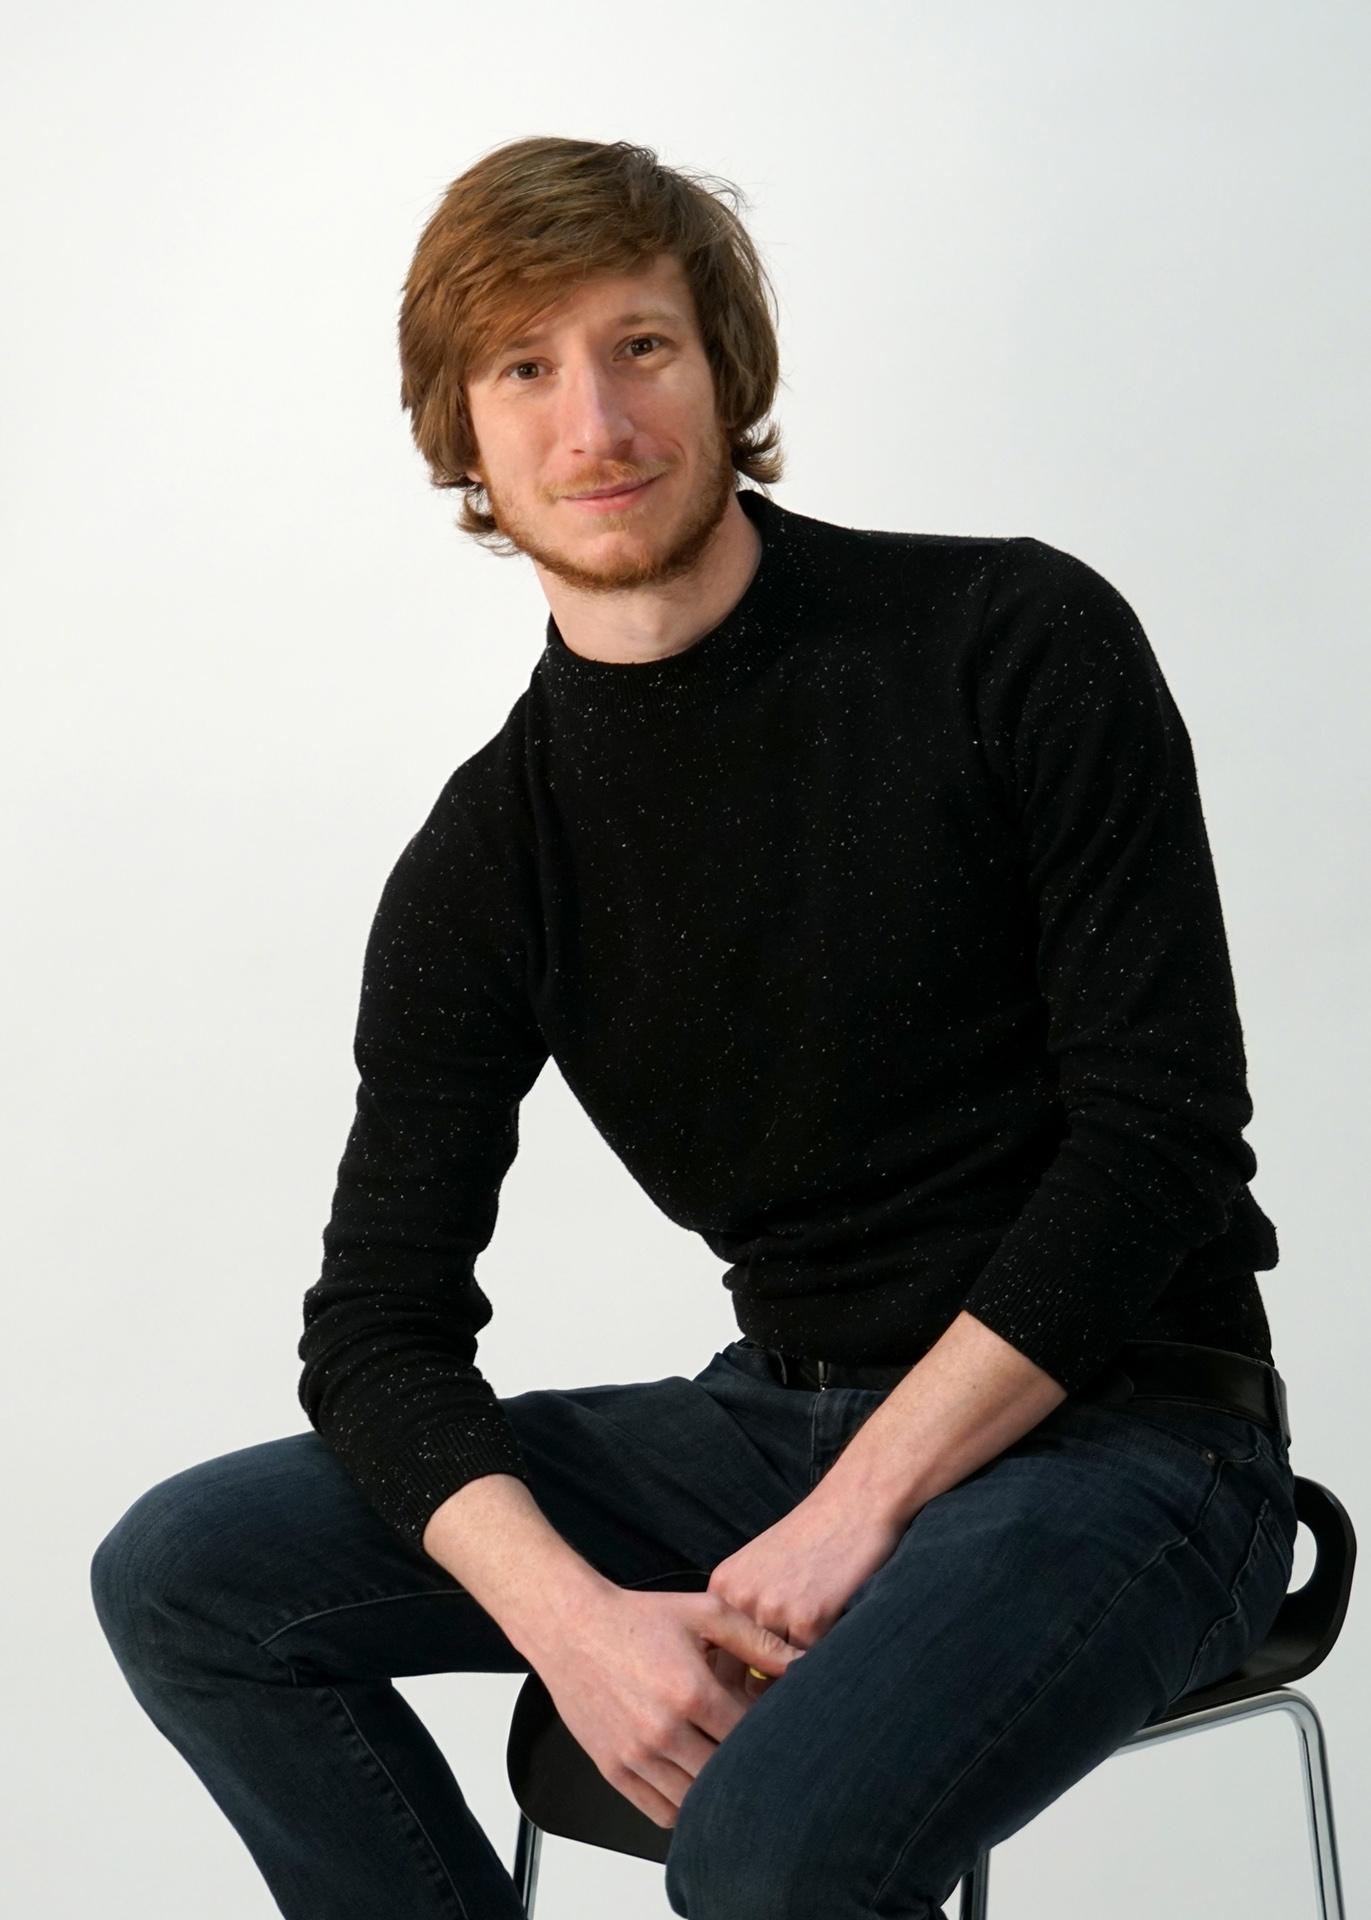 Ollie Hemstock